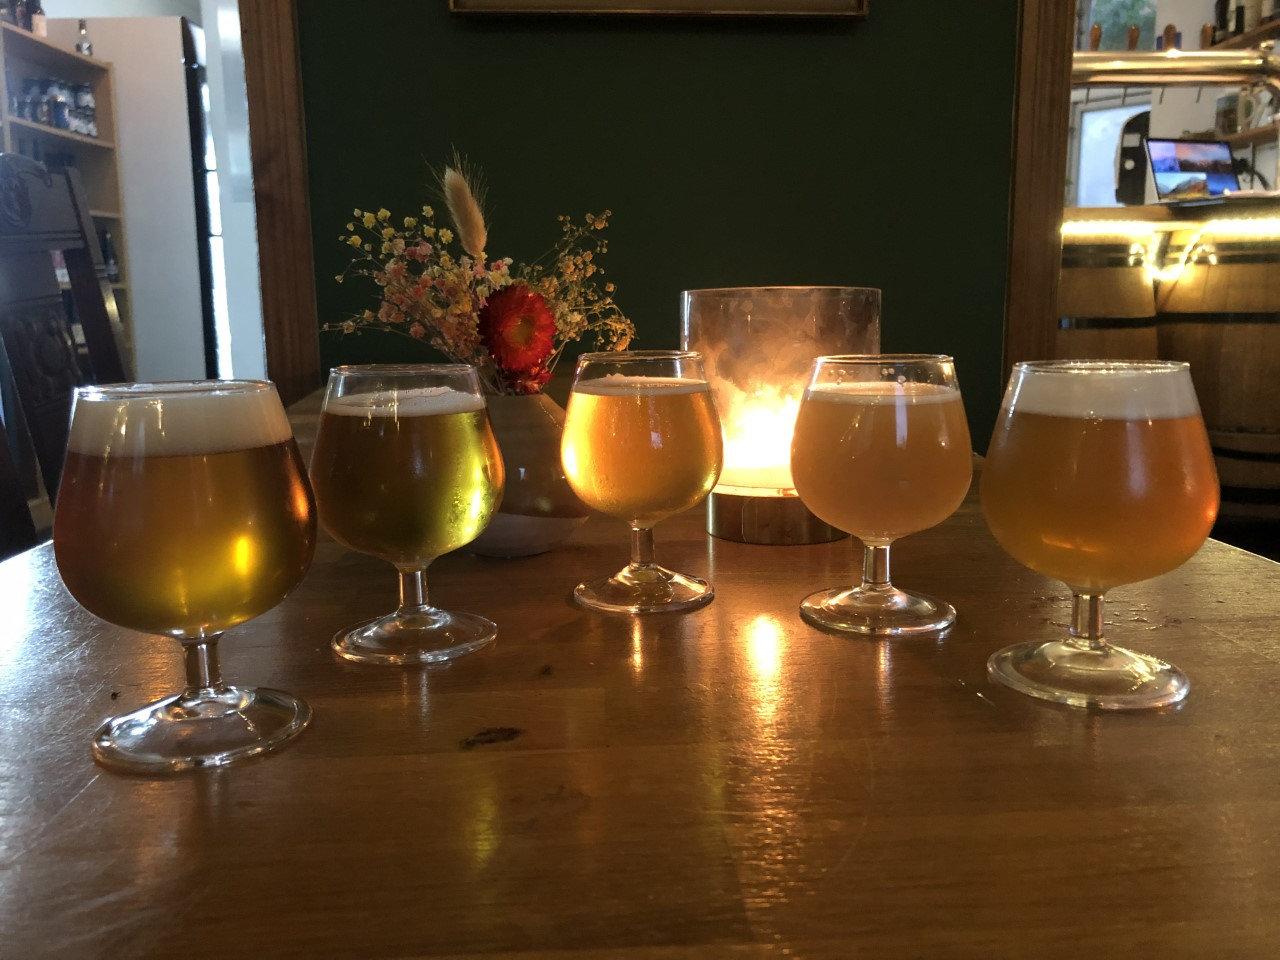 Ølsmagning - Udforsk en stilart